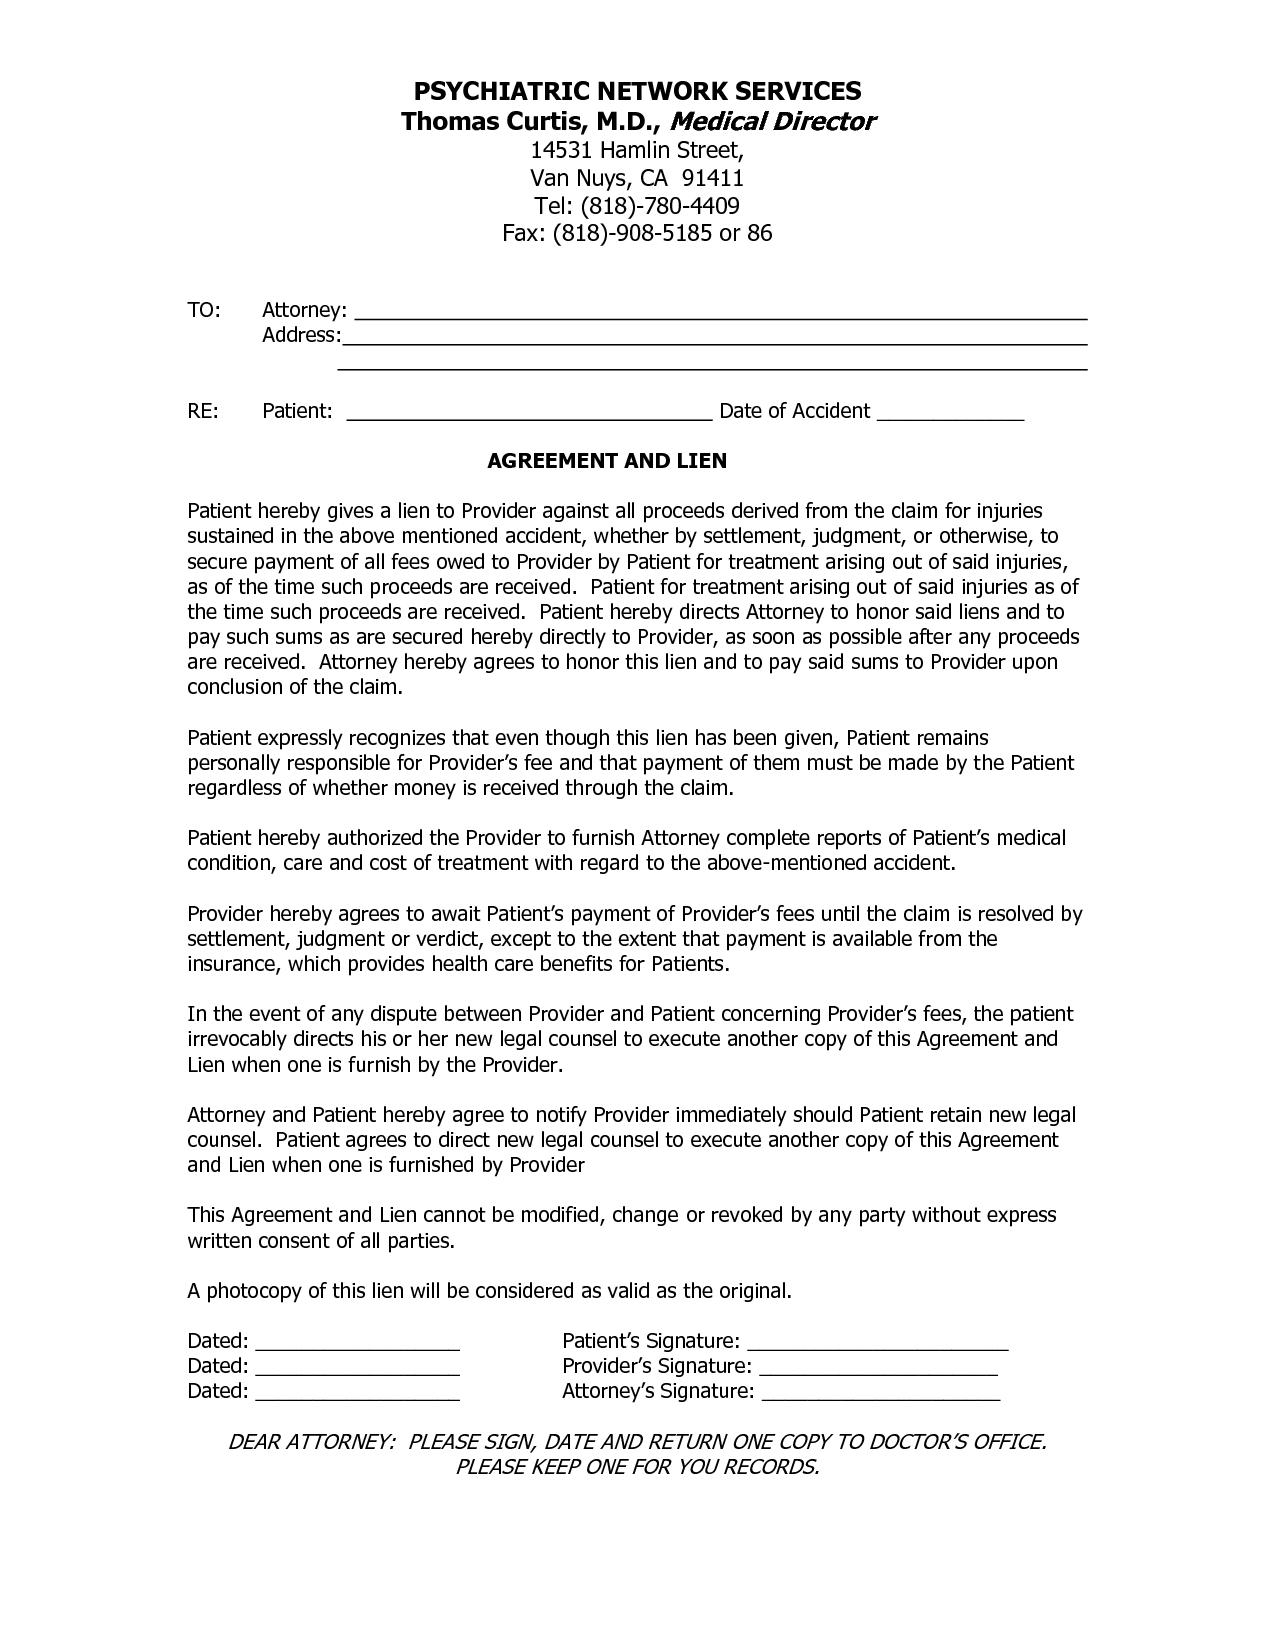 Settlement Agreement Letter Free Printable Documents